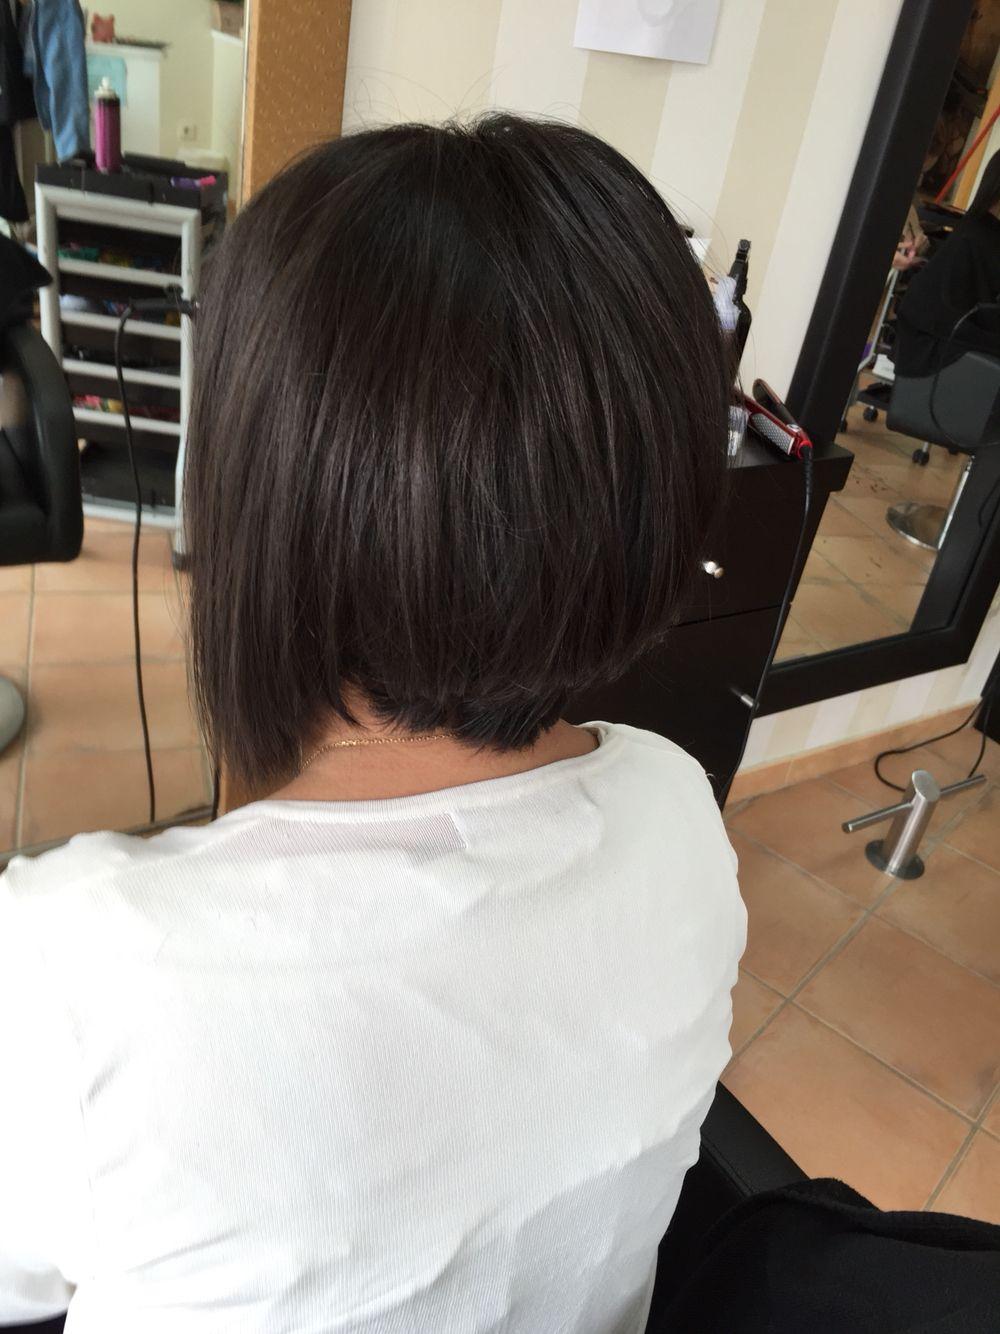 Corte Nuca Alta Y En Uve Peinado Pinterest